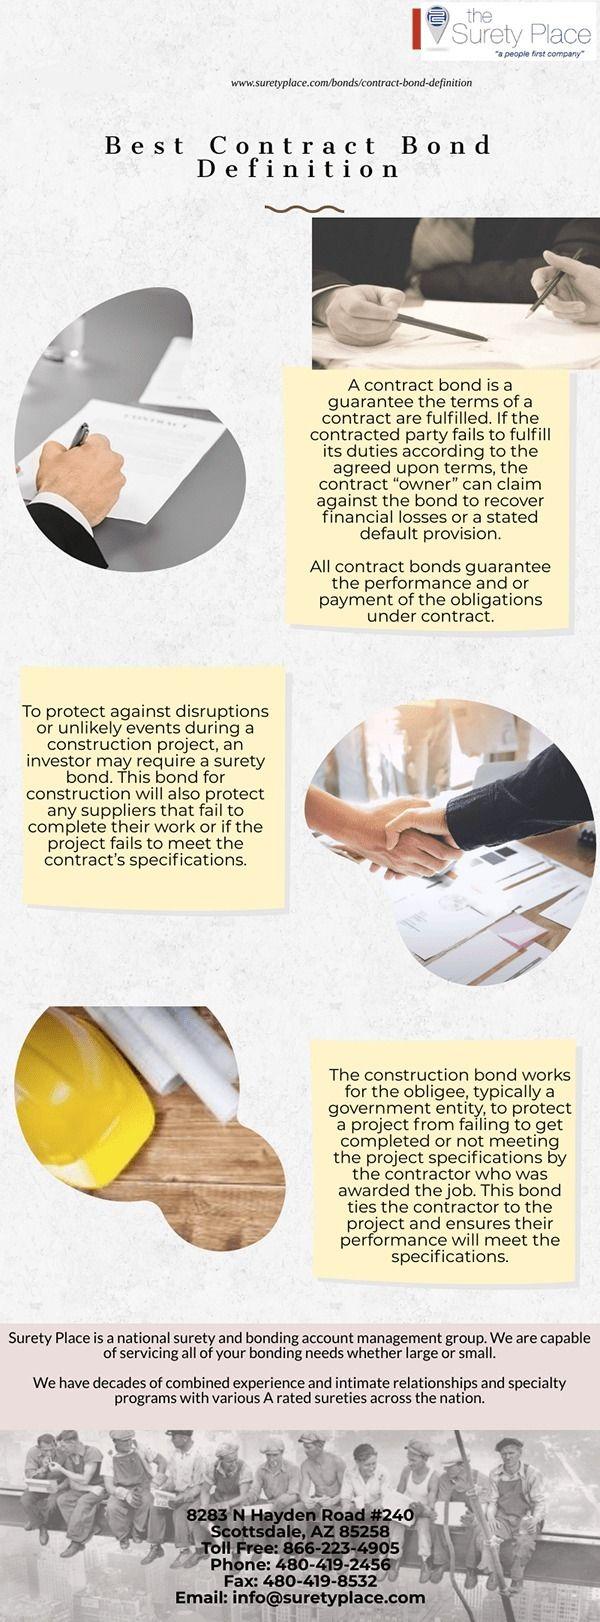 Contract Bond Definition contra - suretyplace | ello